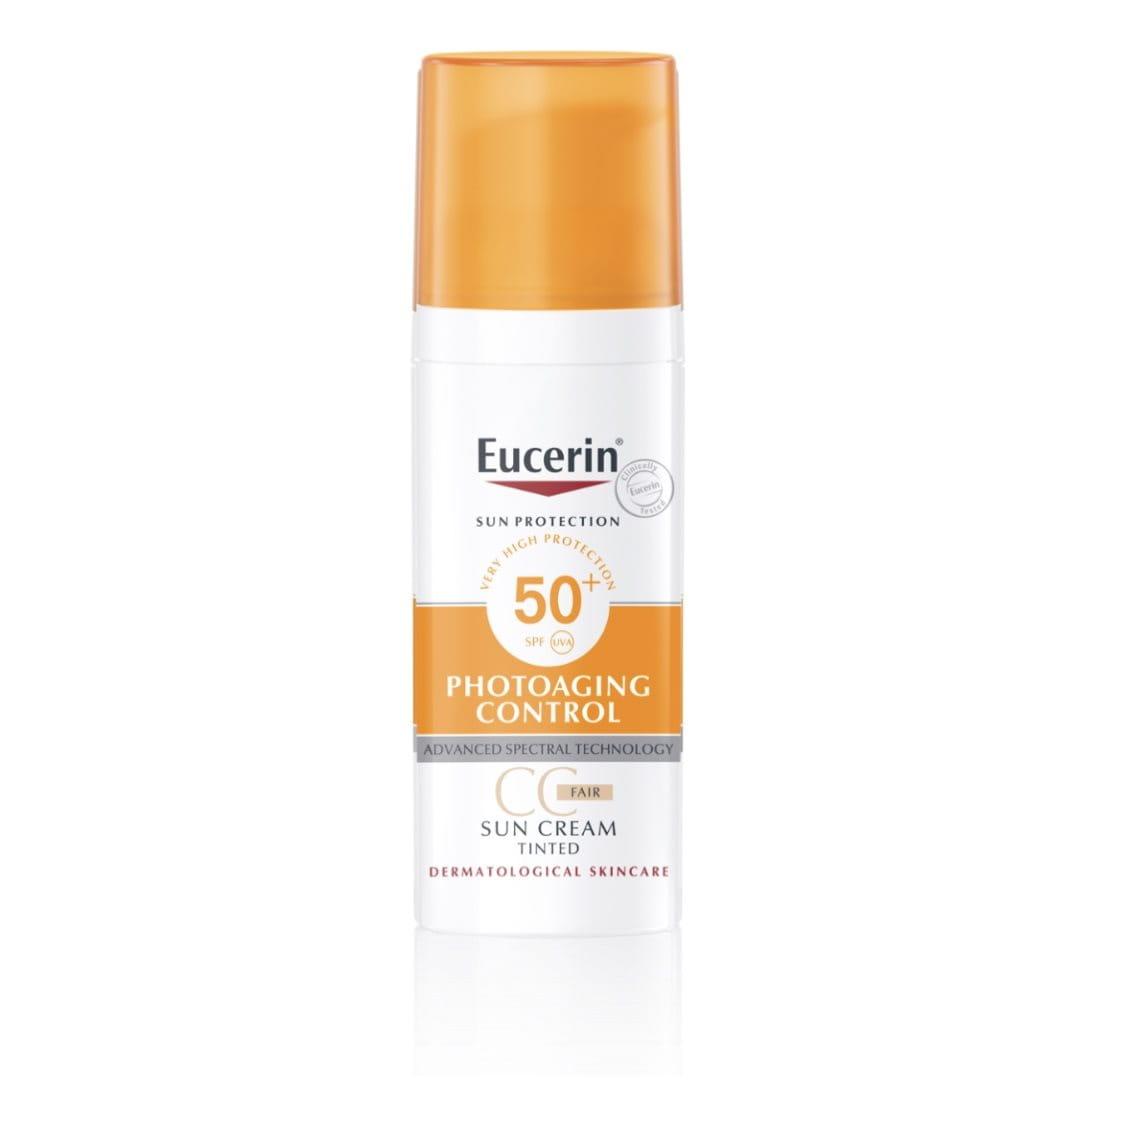 Eucerin Sun Creme Tinted Photoaging Control SPF 50+ Fair